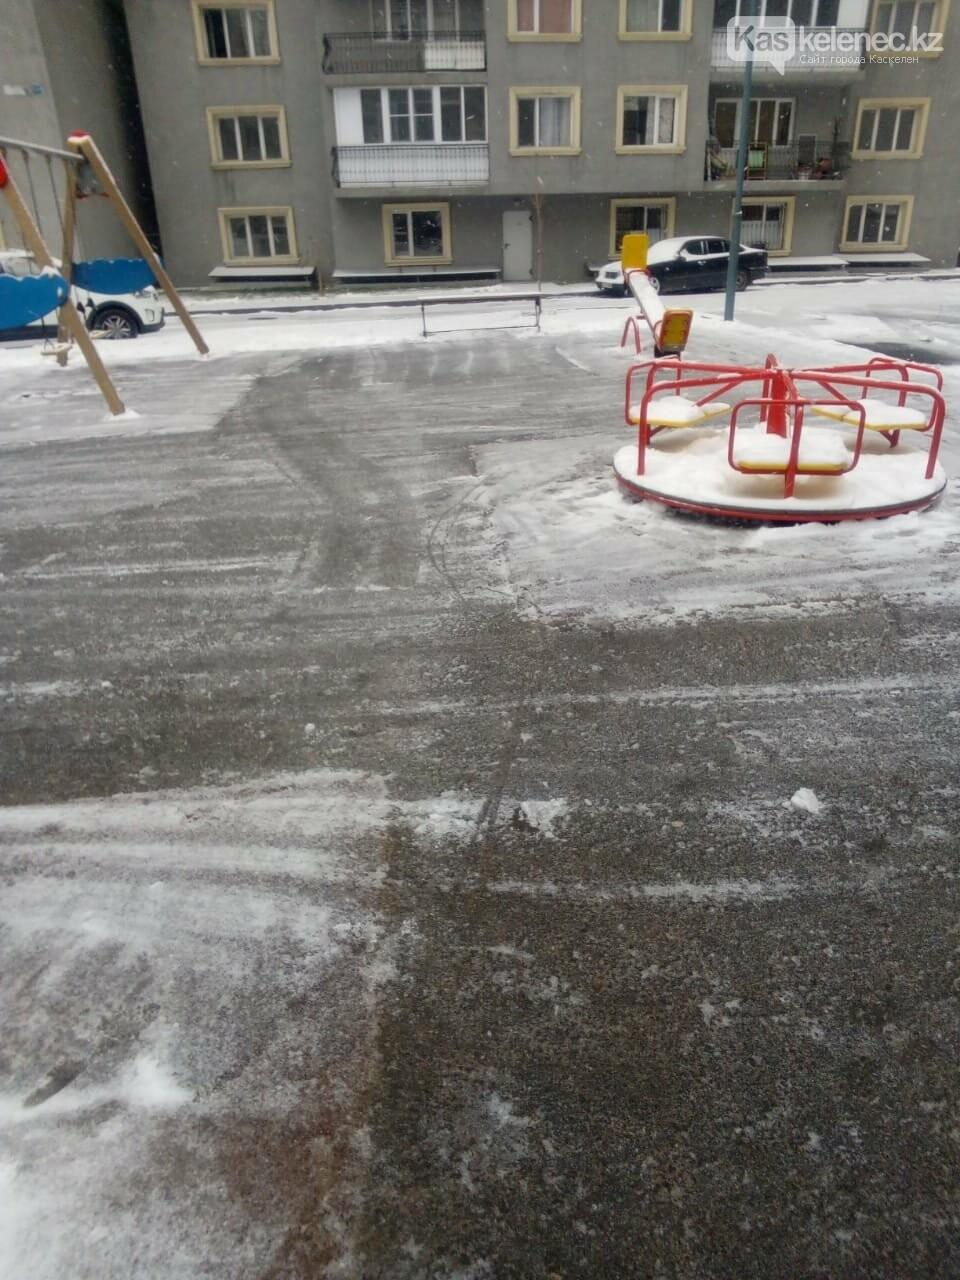 Борьба со стихией: восемь сантиметров снега выпало в Алматы, фото-1